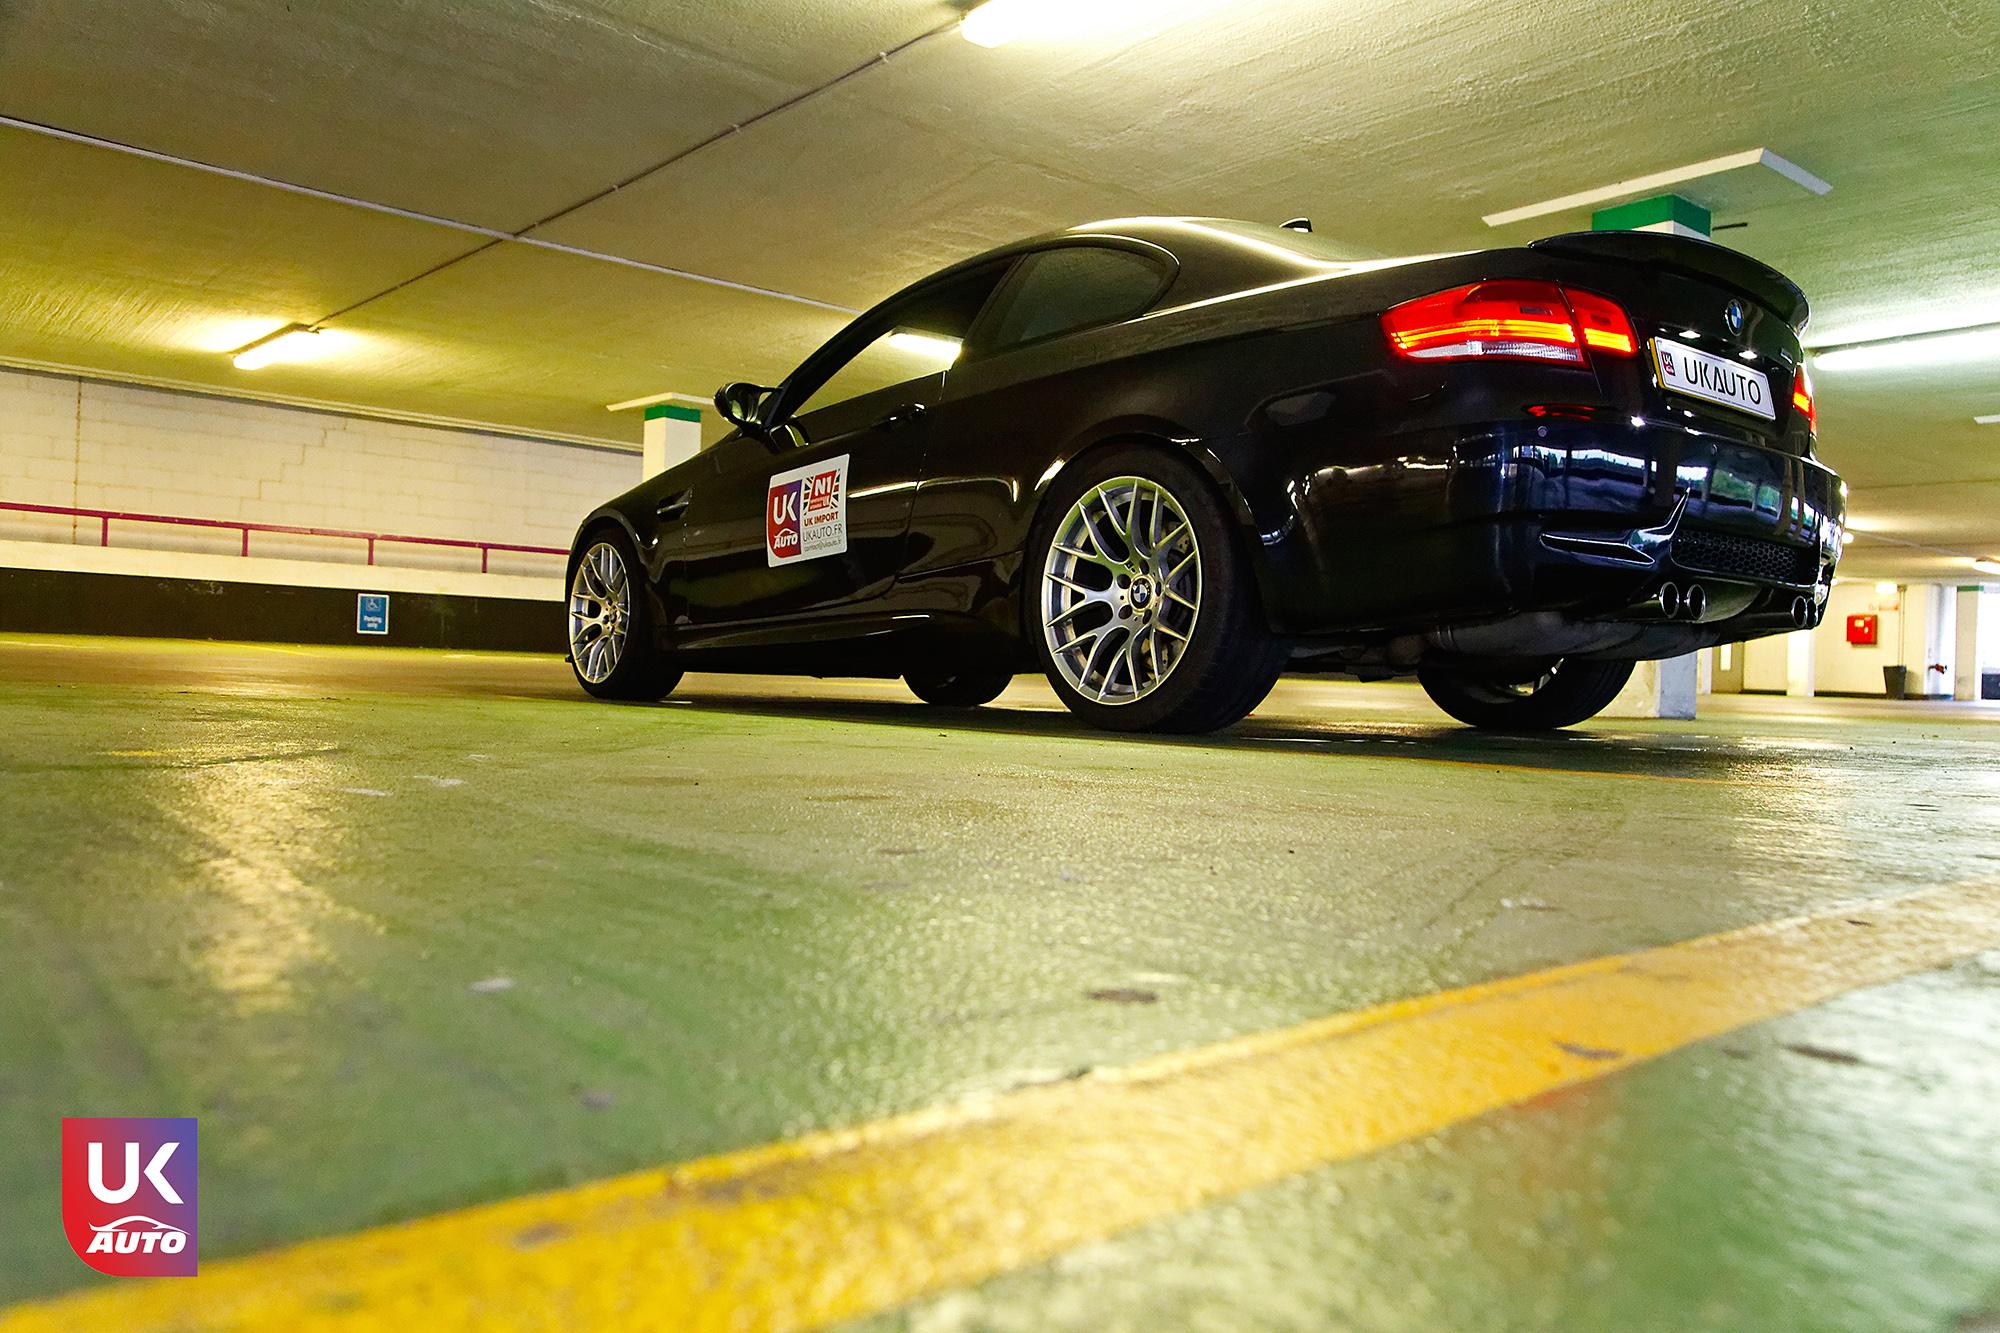 BMW m3 rhd ukauto importer voiture angleterre uk11 - Felecitation a Sylvain Pour cette BMW M3 E92 RHD pour avoir acheter une voiture en angleterre avant le brexit